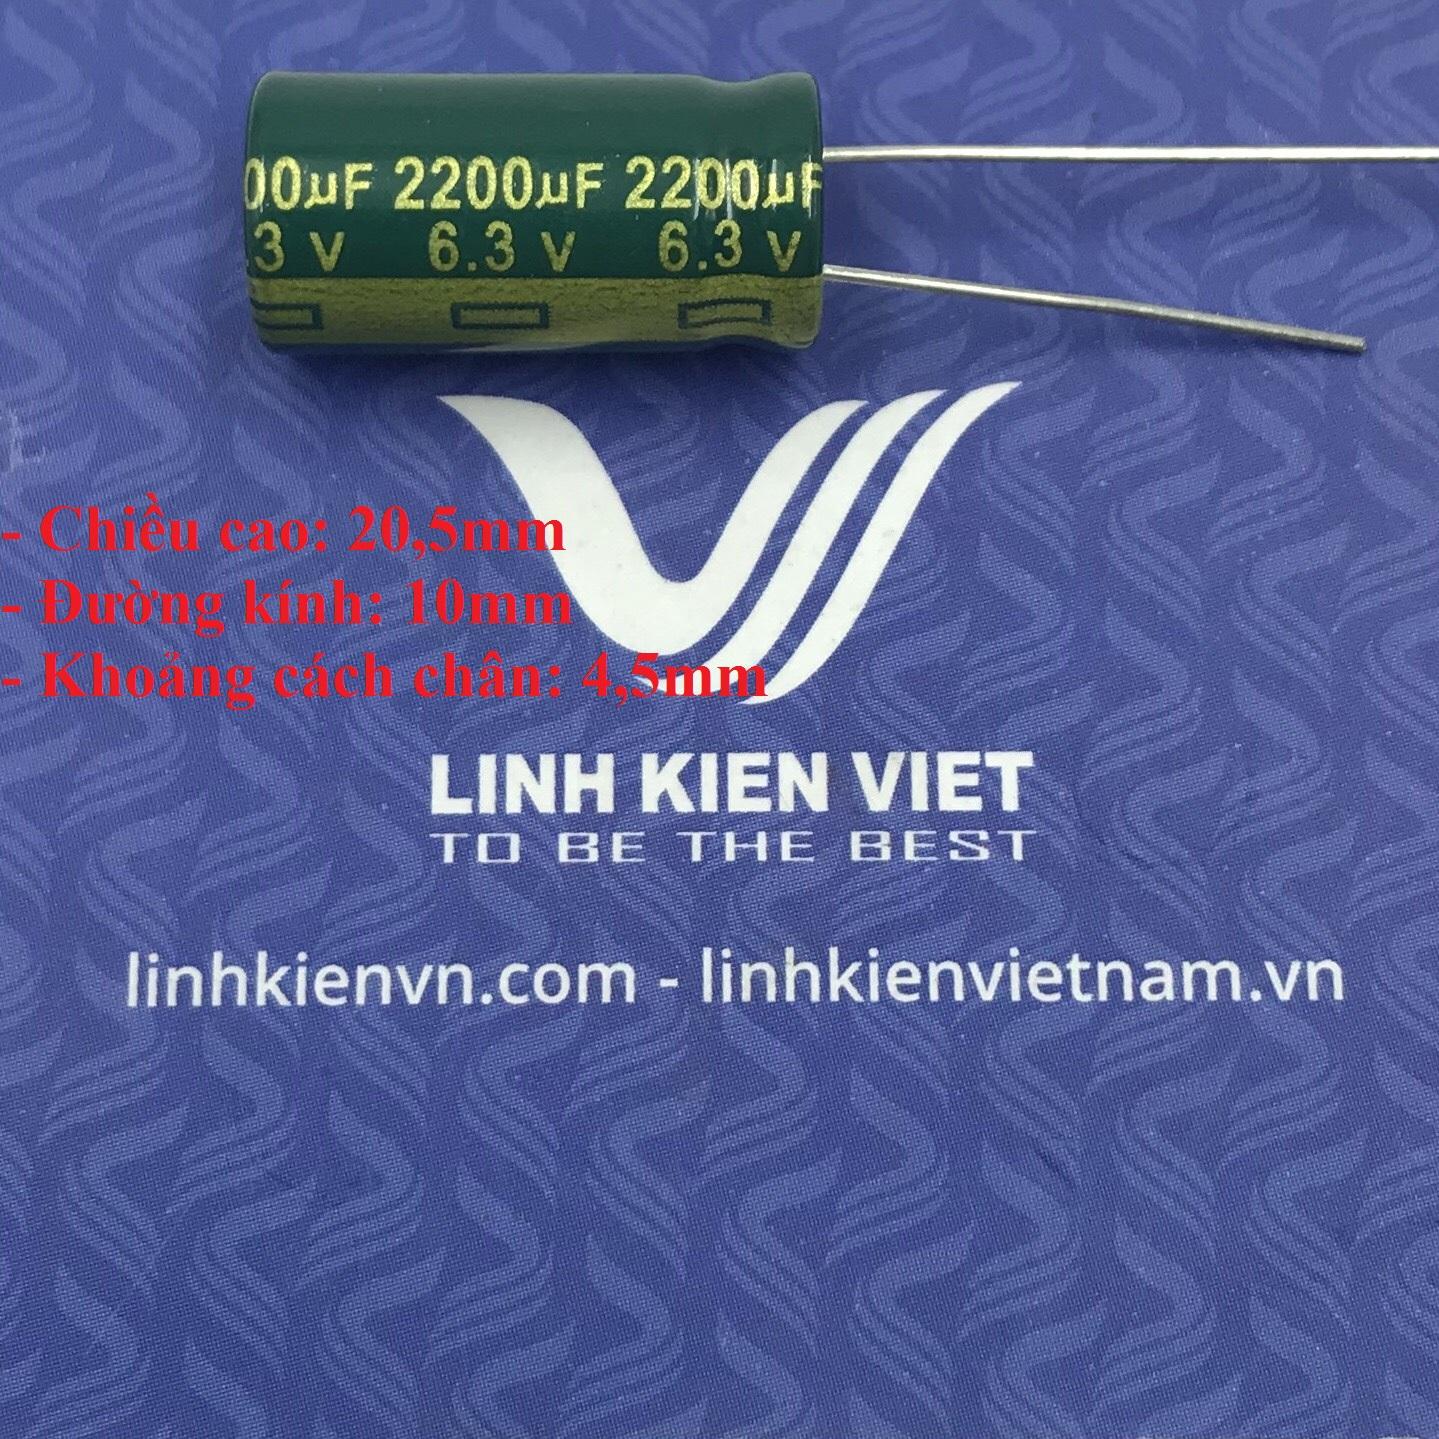 Tụ hóa 2200uF - 6.3V / J5H20